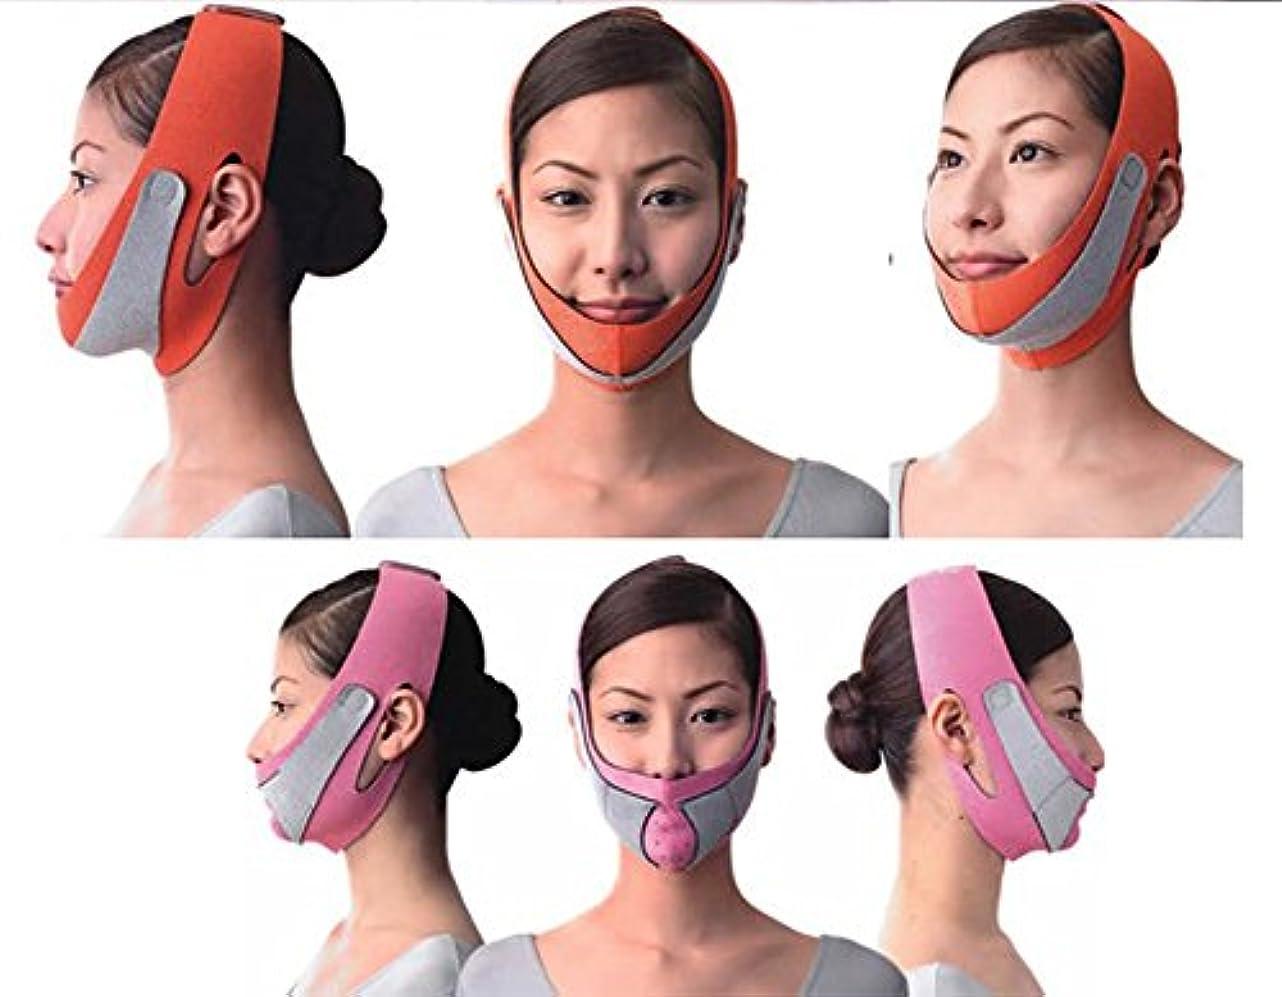 優先近代化するエイリアン引き上げマスク 頬のたるみ 額、顎下、頬リフトアップ ピンク グレー 弾力V-ラインマスク 引っ張る リフティング フェイス リフトスリムマスク 美容 フェイスマスク